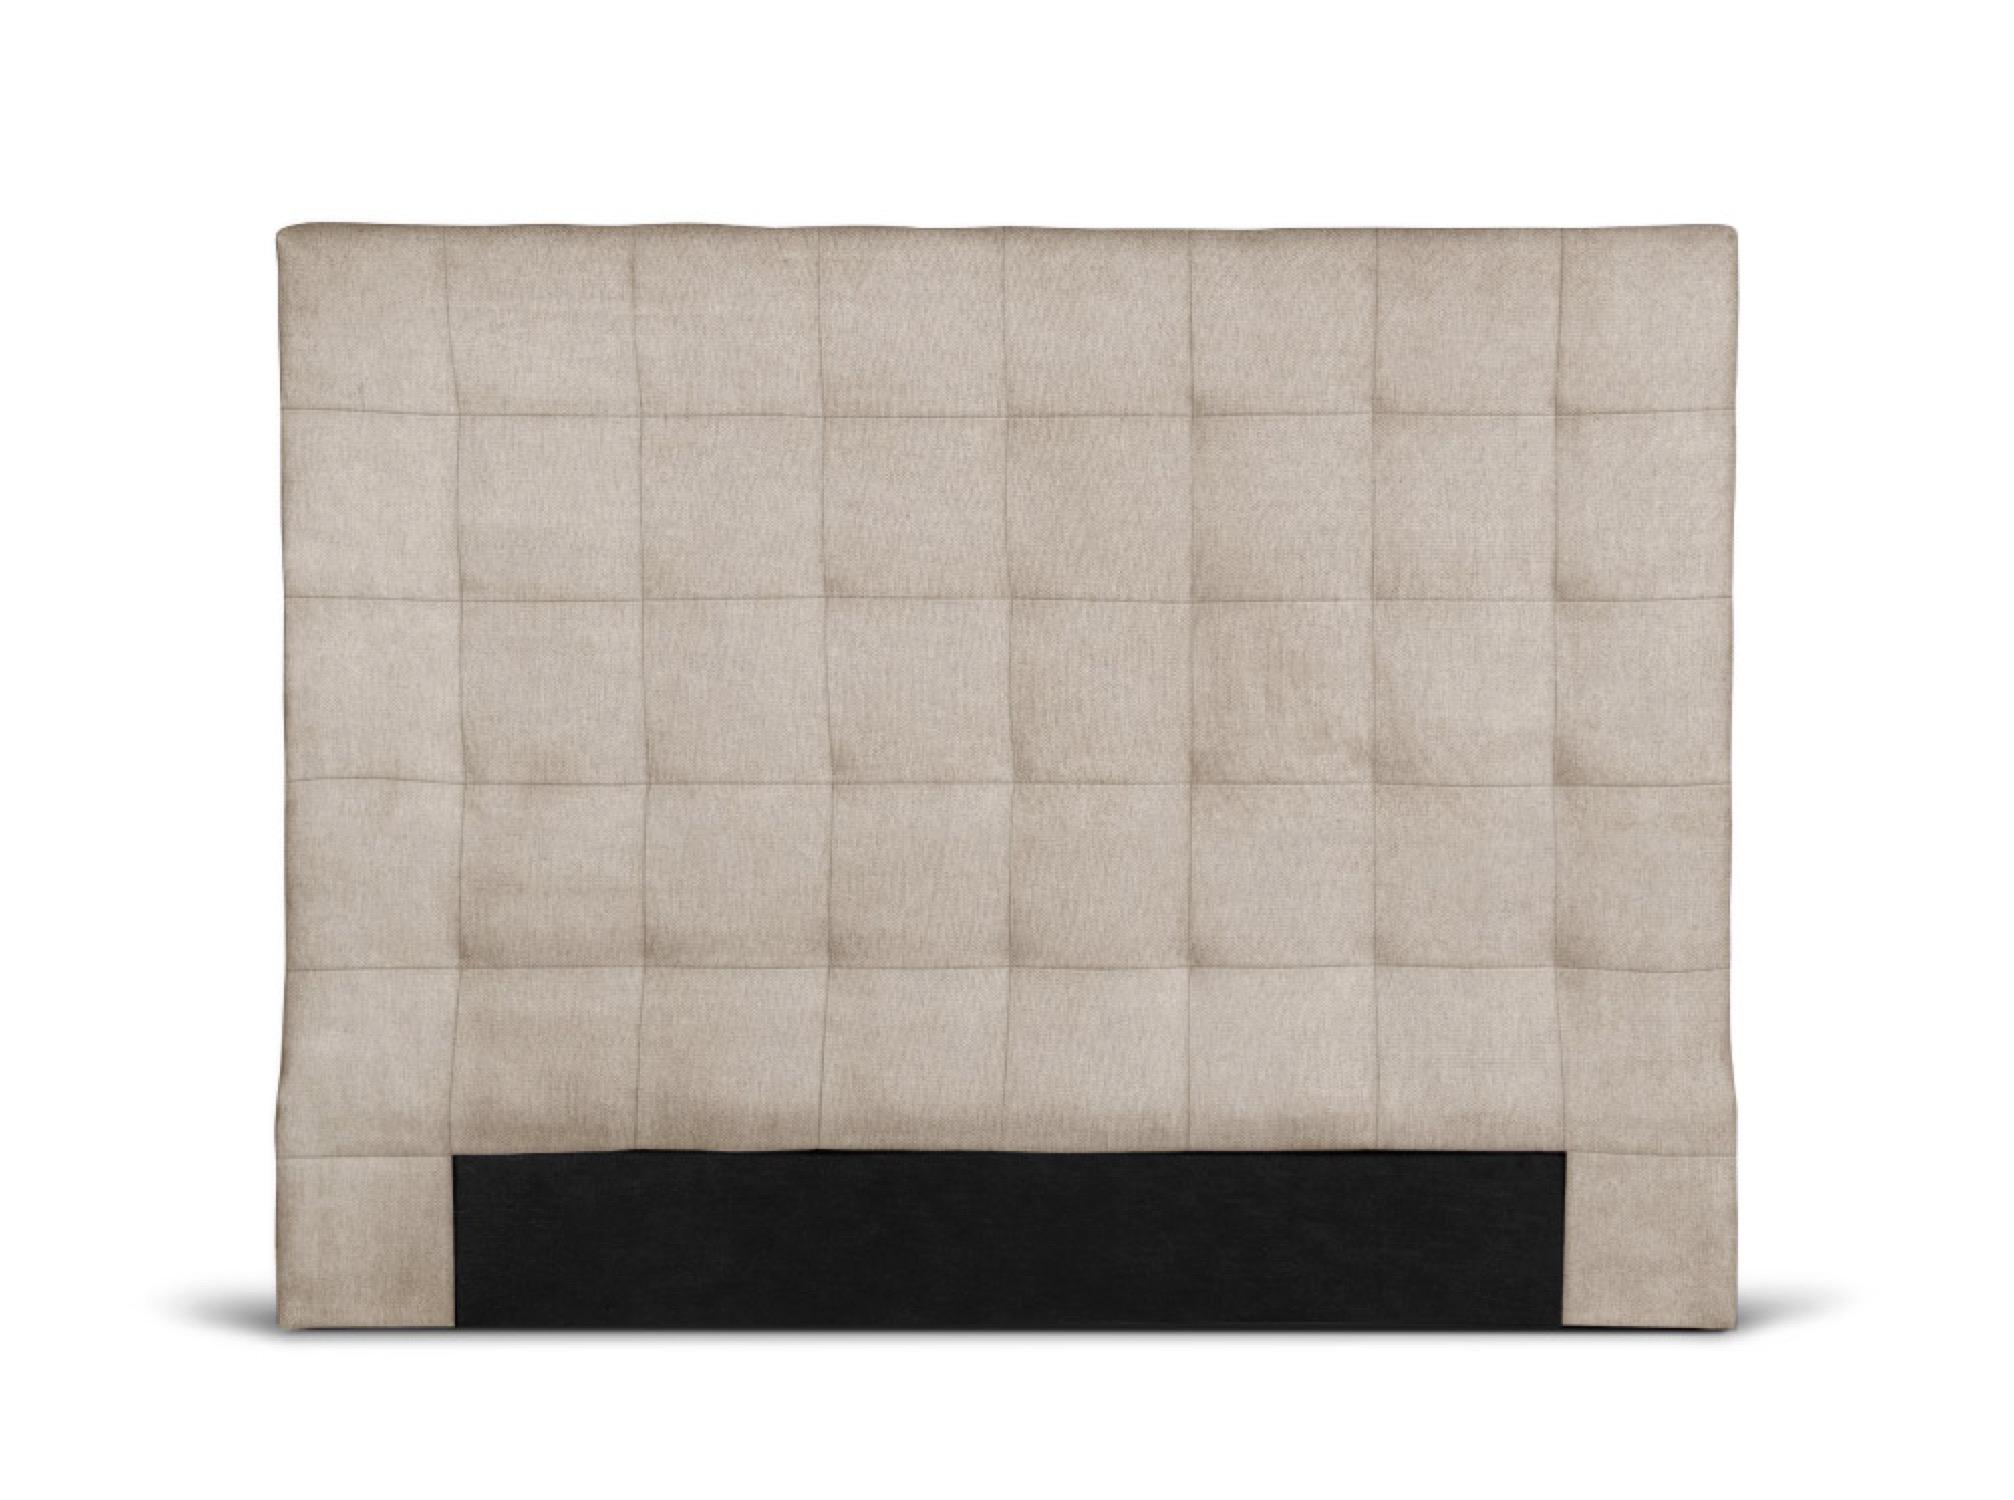 Tête de lit capitonnée en tissu beige - 140cm